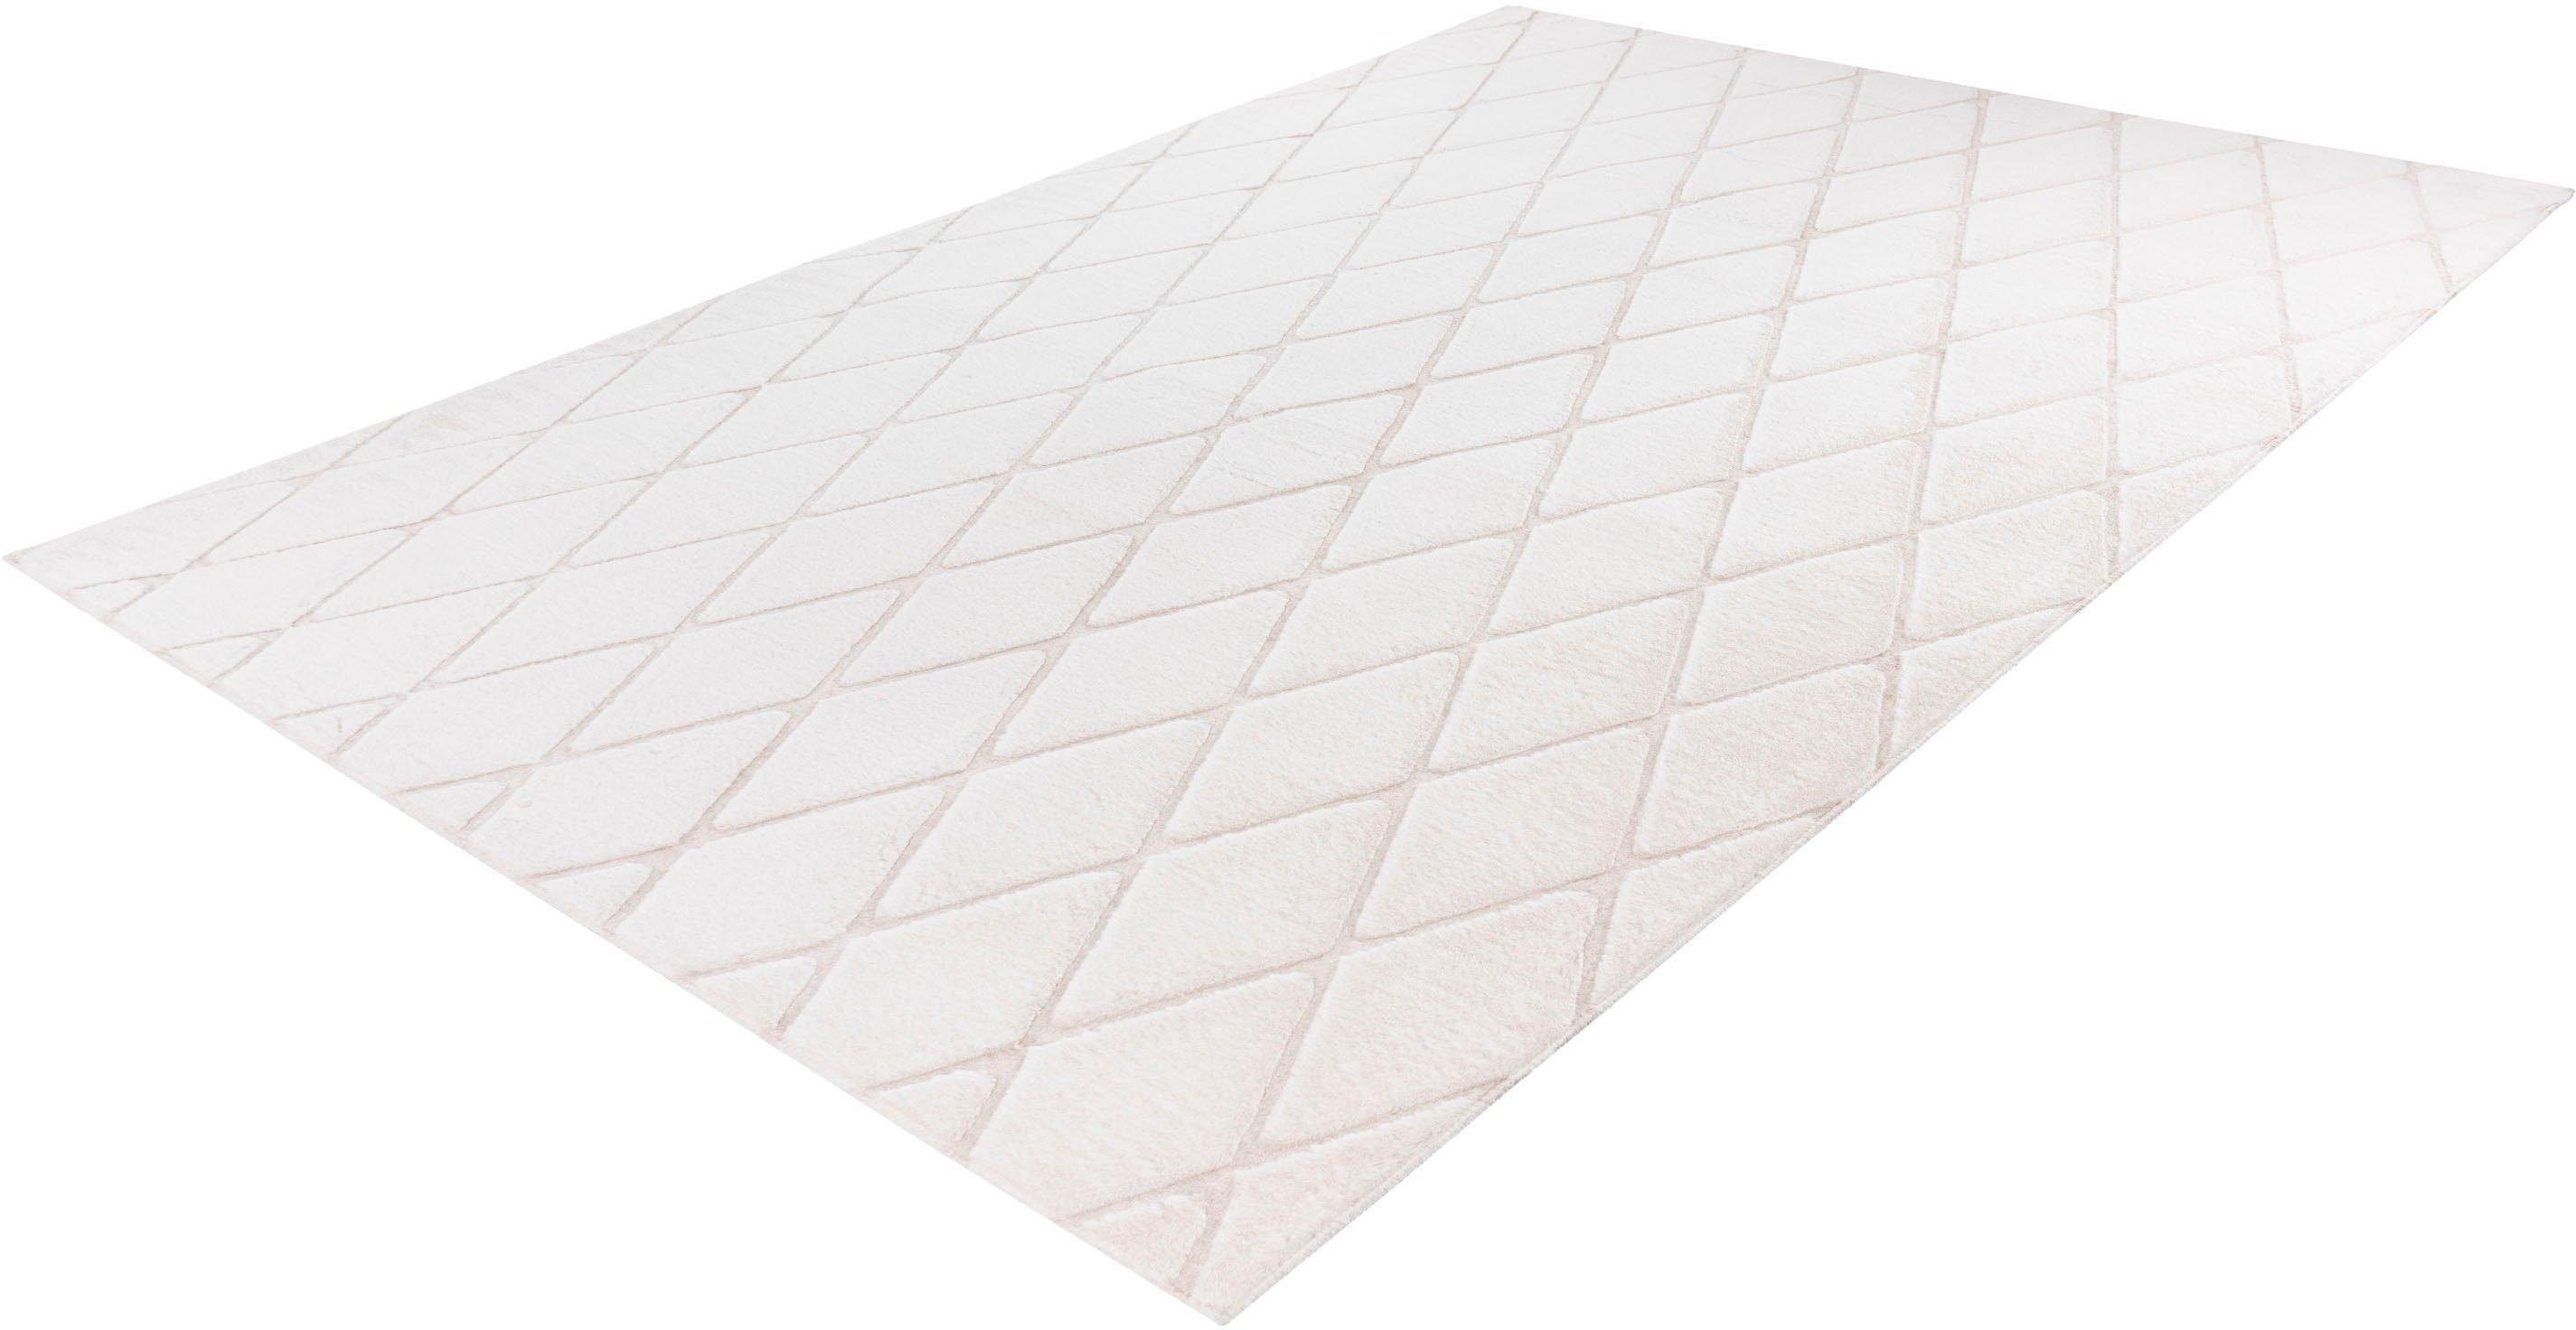 calo-deluxe vloerkleed Jardan-2000 bijzonder zacht door microvezel, woonkamer - verschillende betaalmethodes